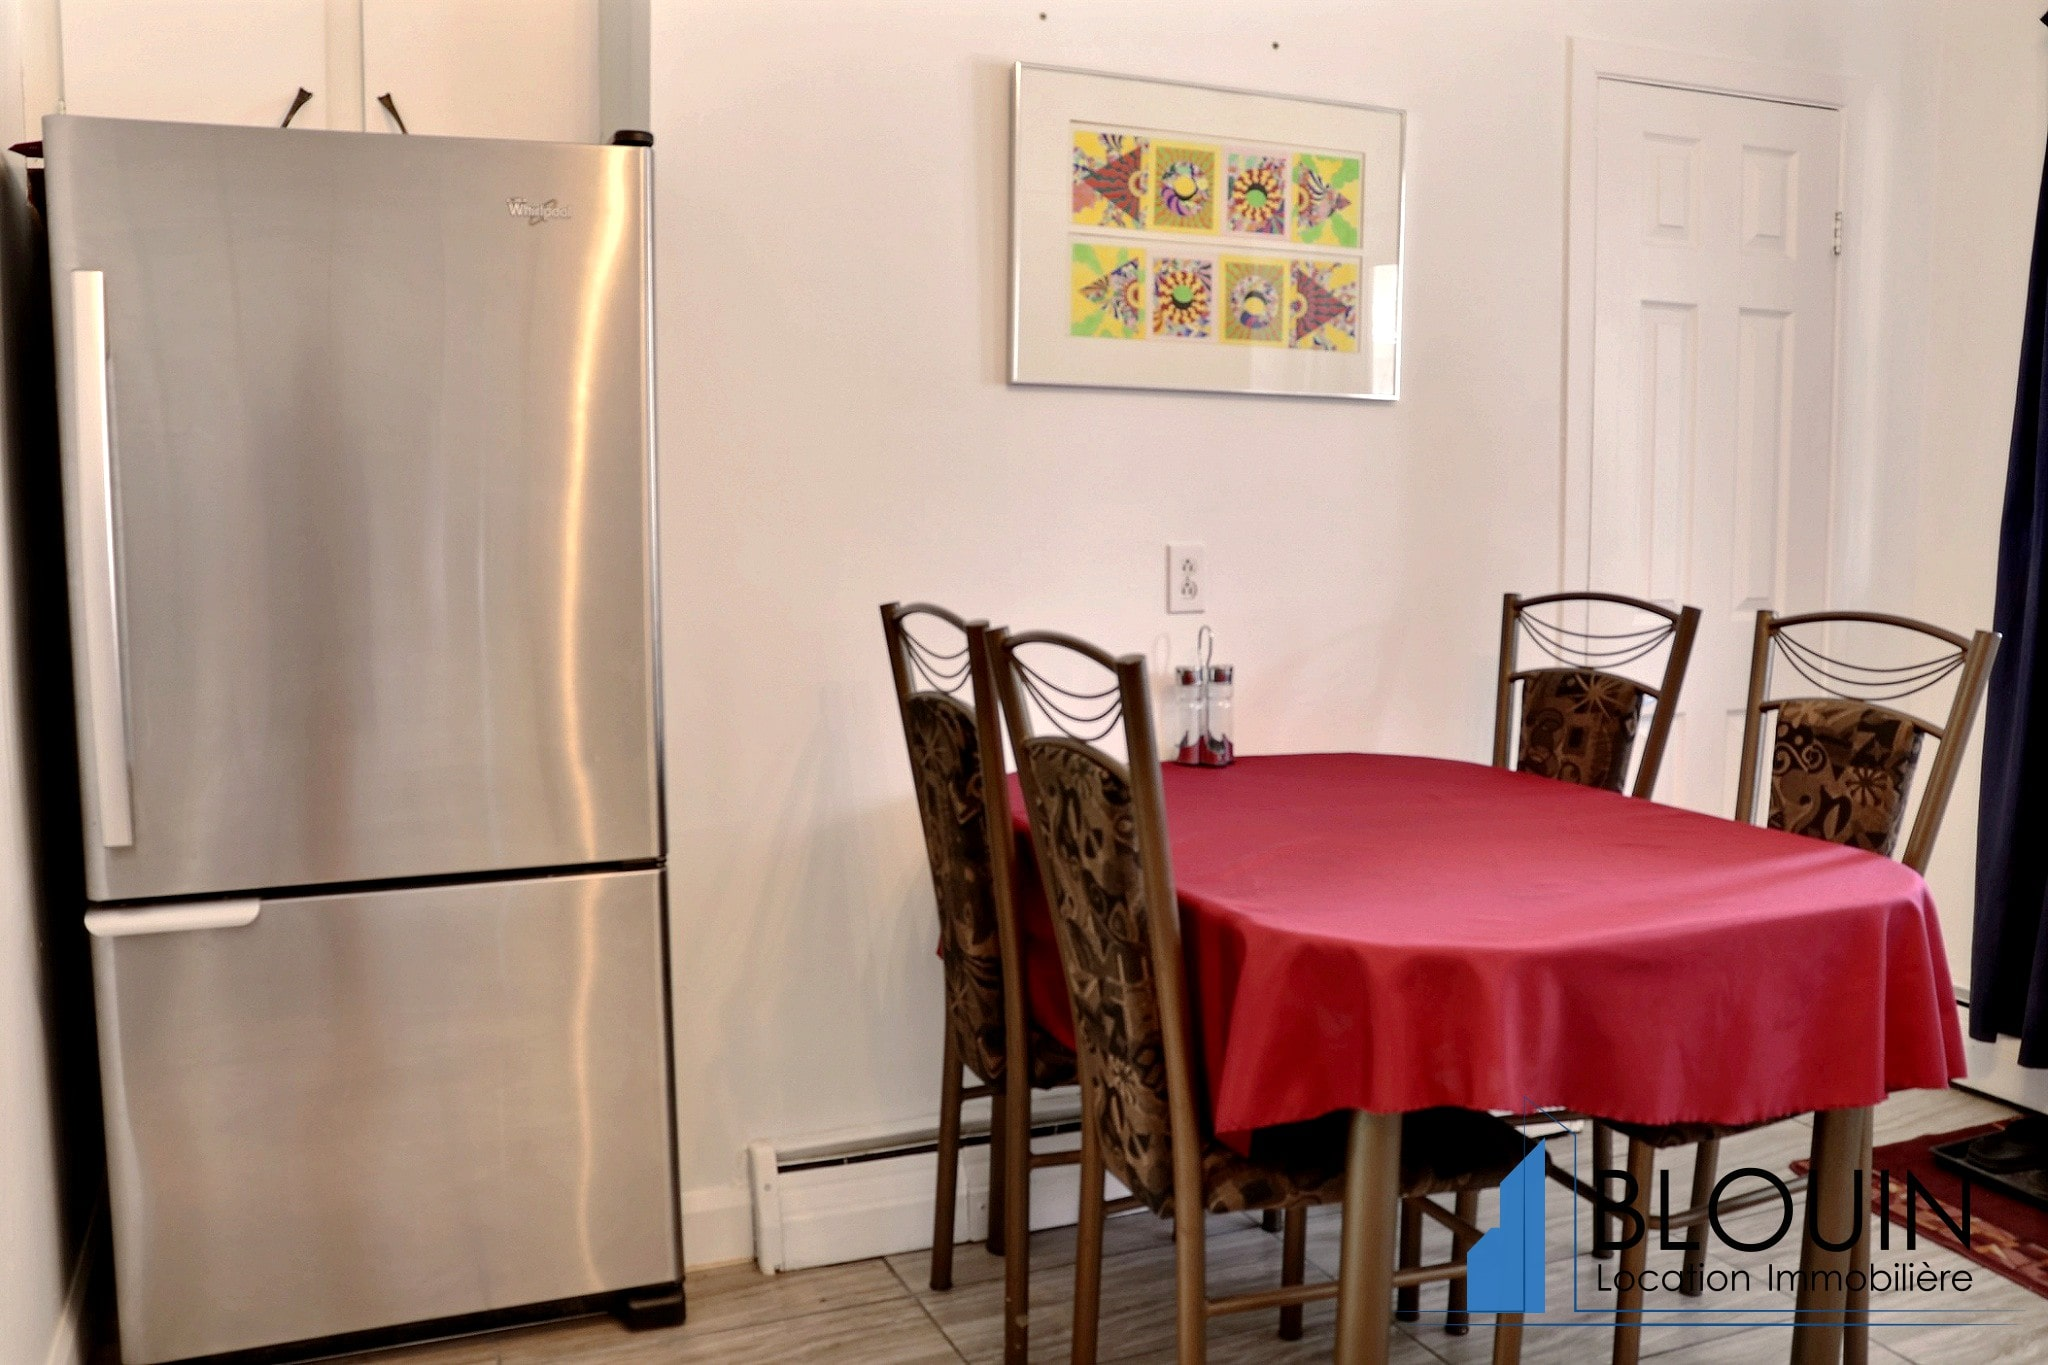 Photo 3 : 4 ½ à Charlesbourg, semi-meublé, pour Juin, Chauffage & eau chaude inclus + 2 Stationnements